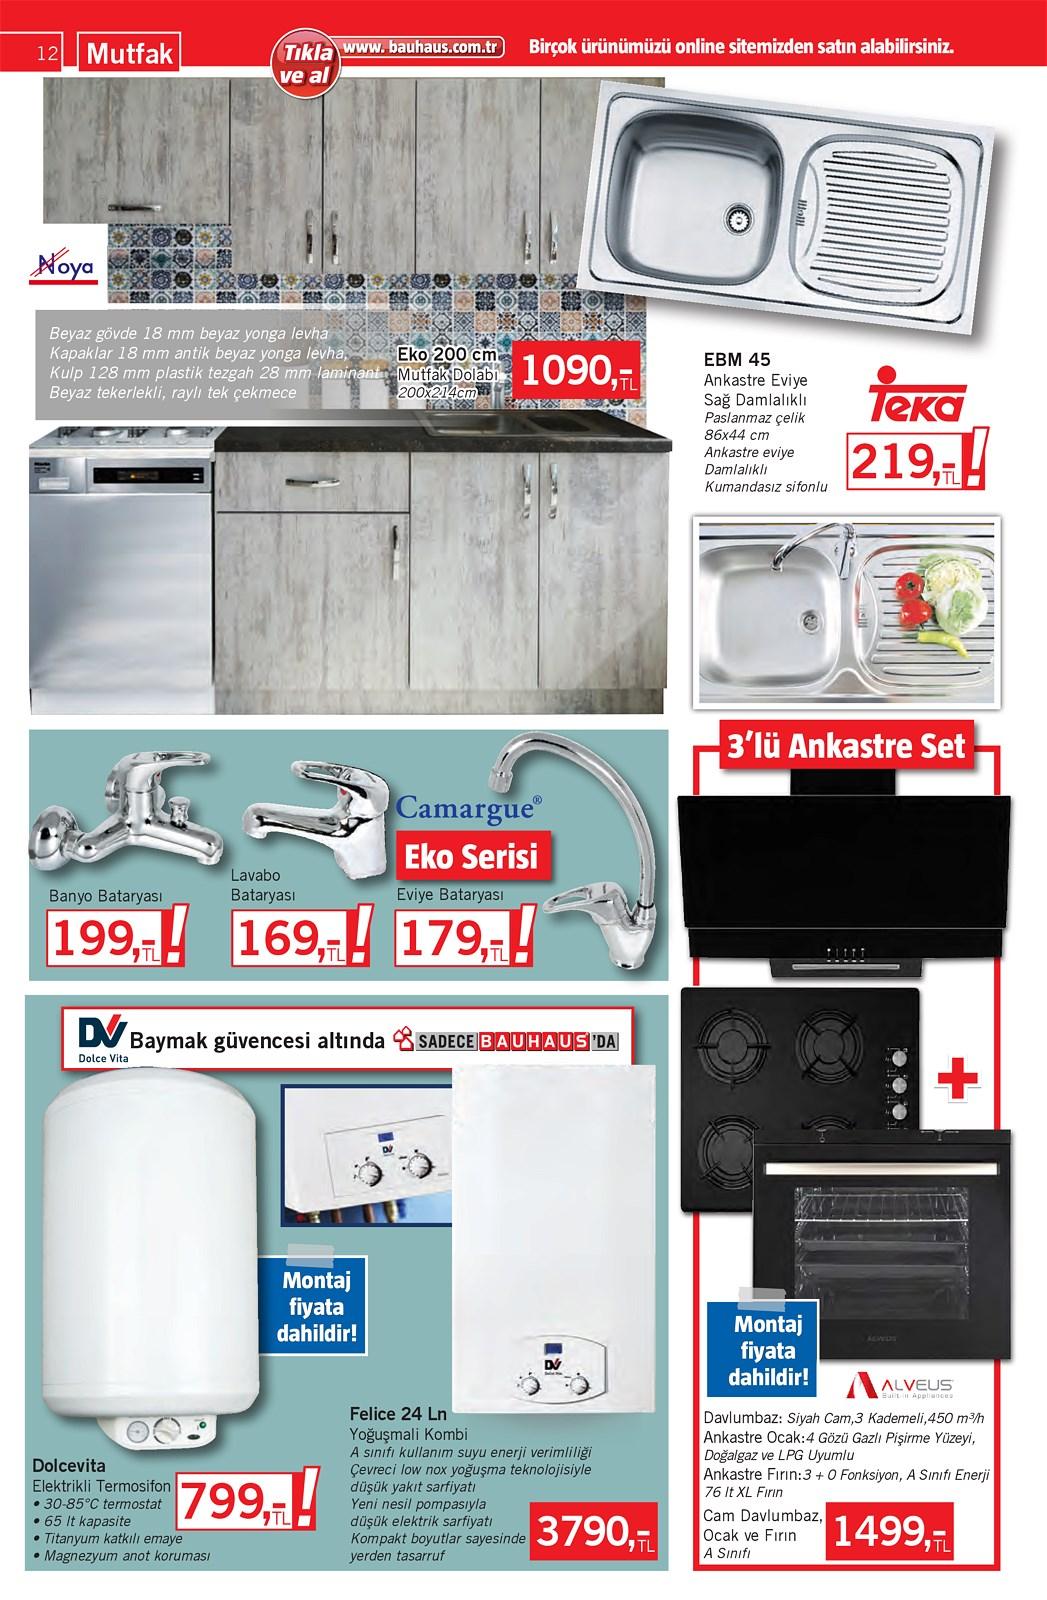 09.01.2021 Bauhaus broşürü 12. sayfa